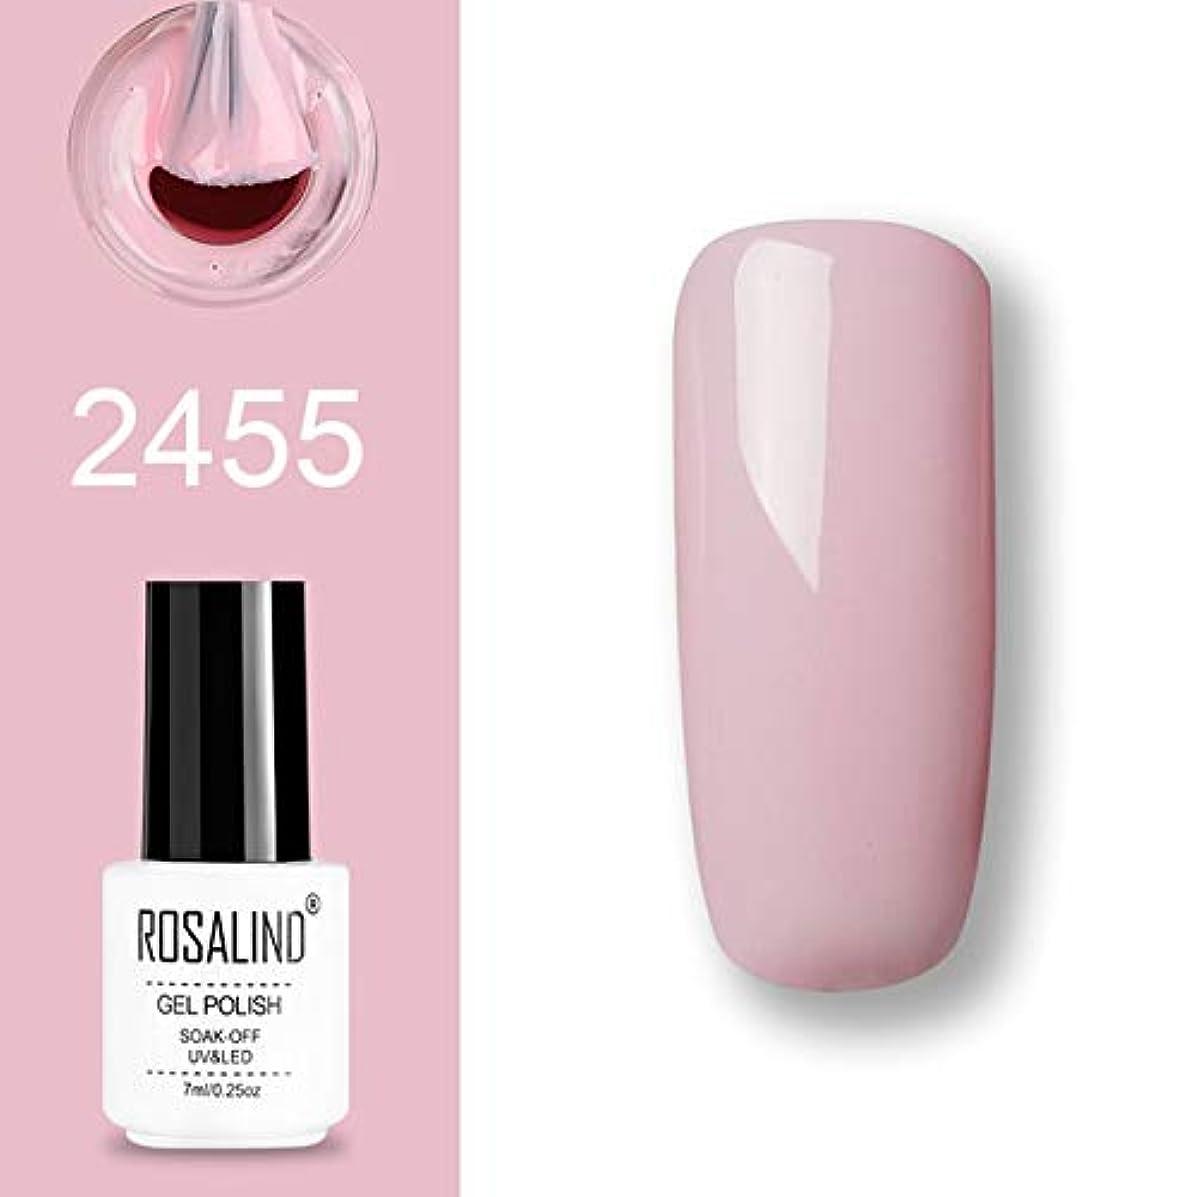 買収近々公然とファッションアイテム ROSALINDジェルポリッシュセットUVセミパーマネントプライマートップコートポリジェルニスネイルアートマニキュアジェル、ライトピンク、容量:7ml 2455。 環境に優しいマニキュア